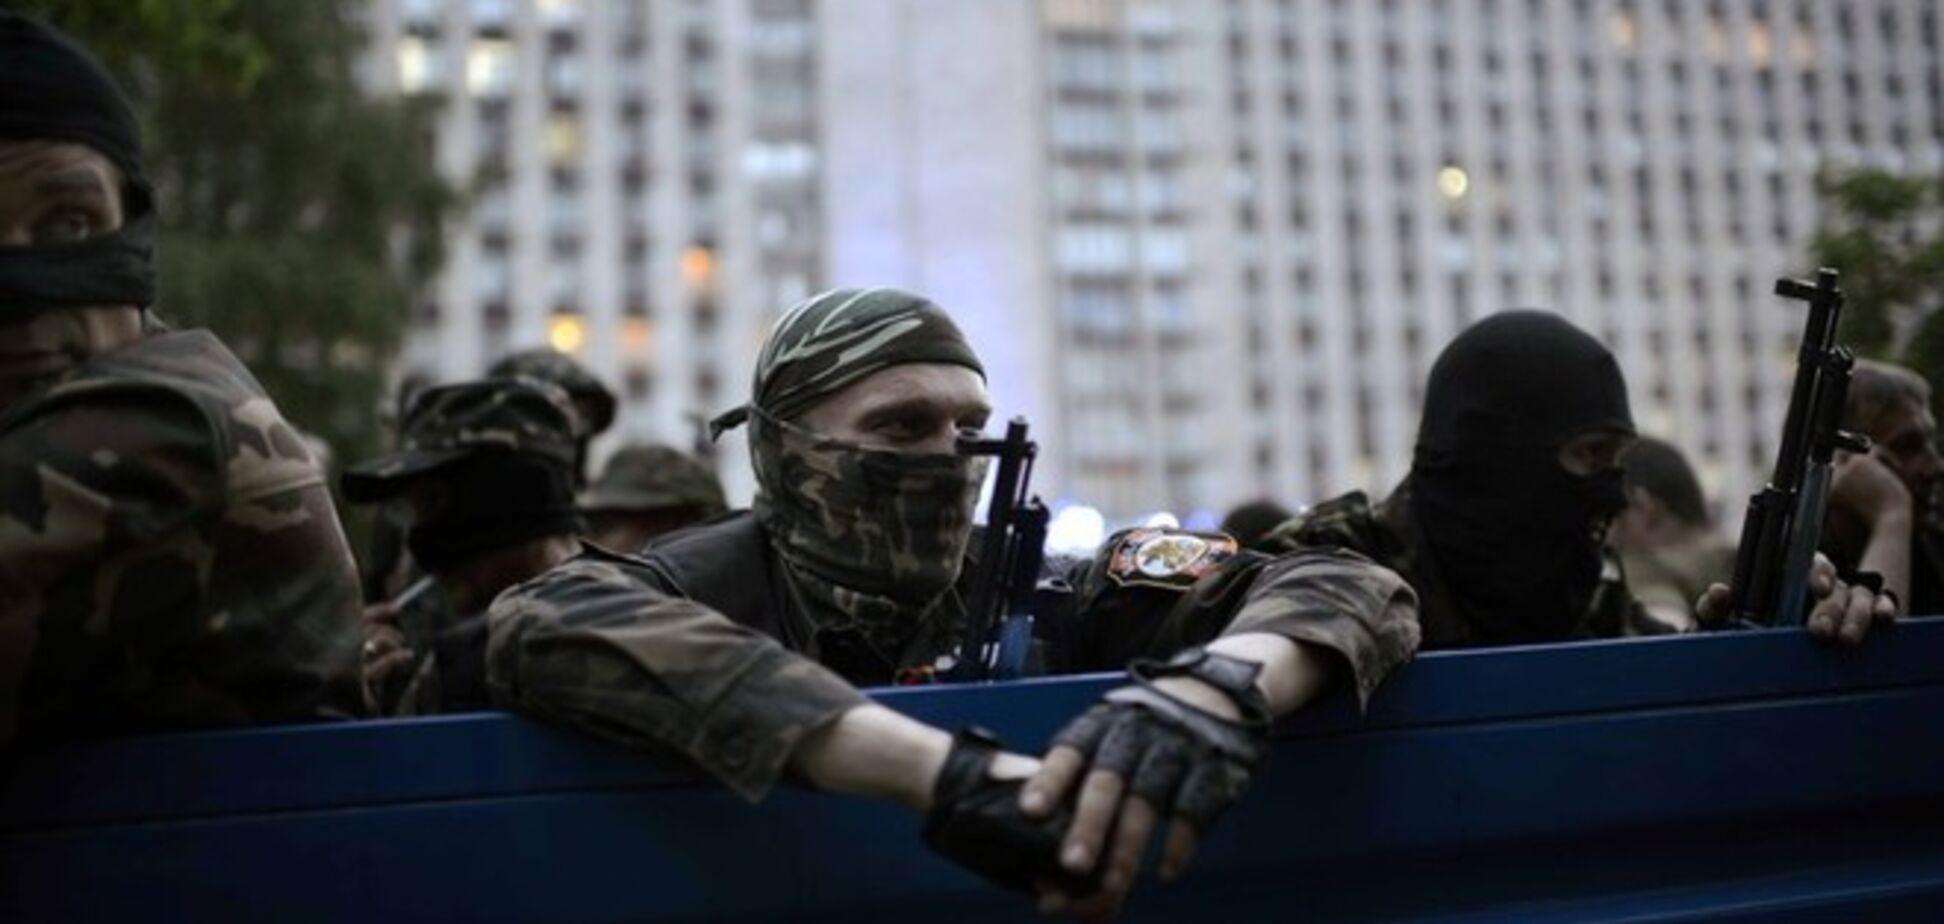 Плененных на Донетчине наблюдателей ОБСЕ могут обменять на террористов